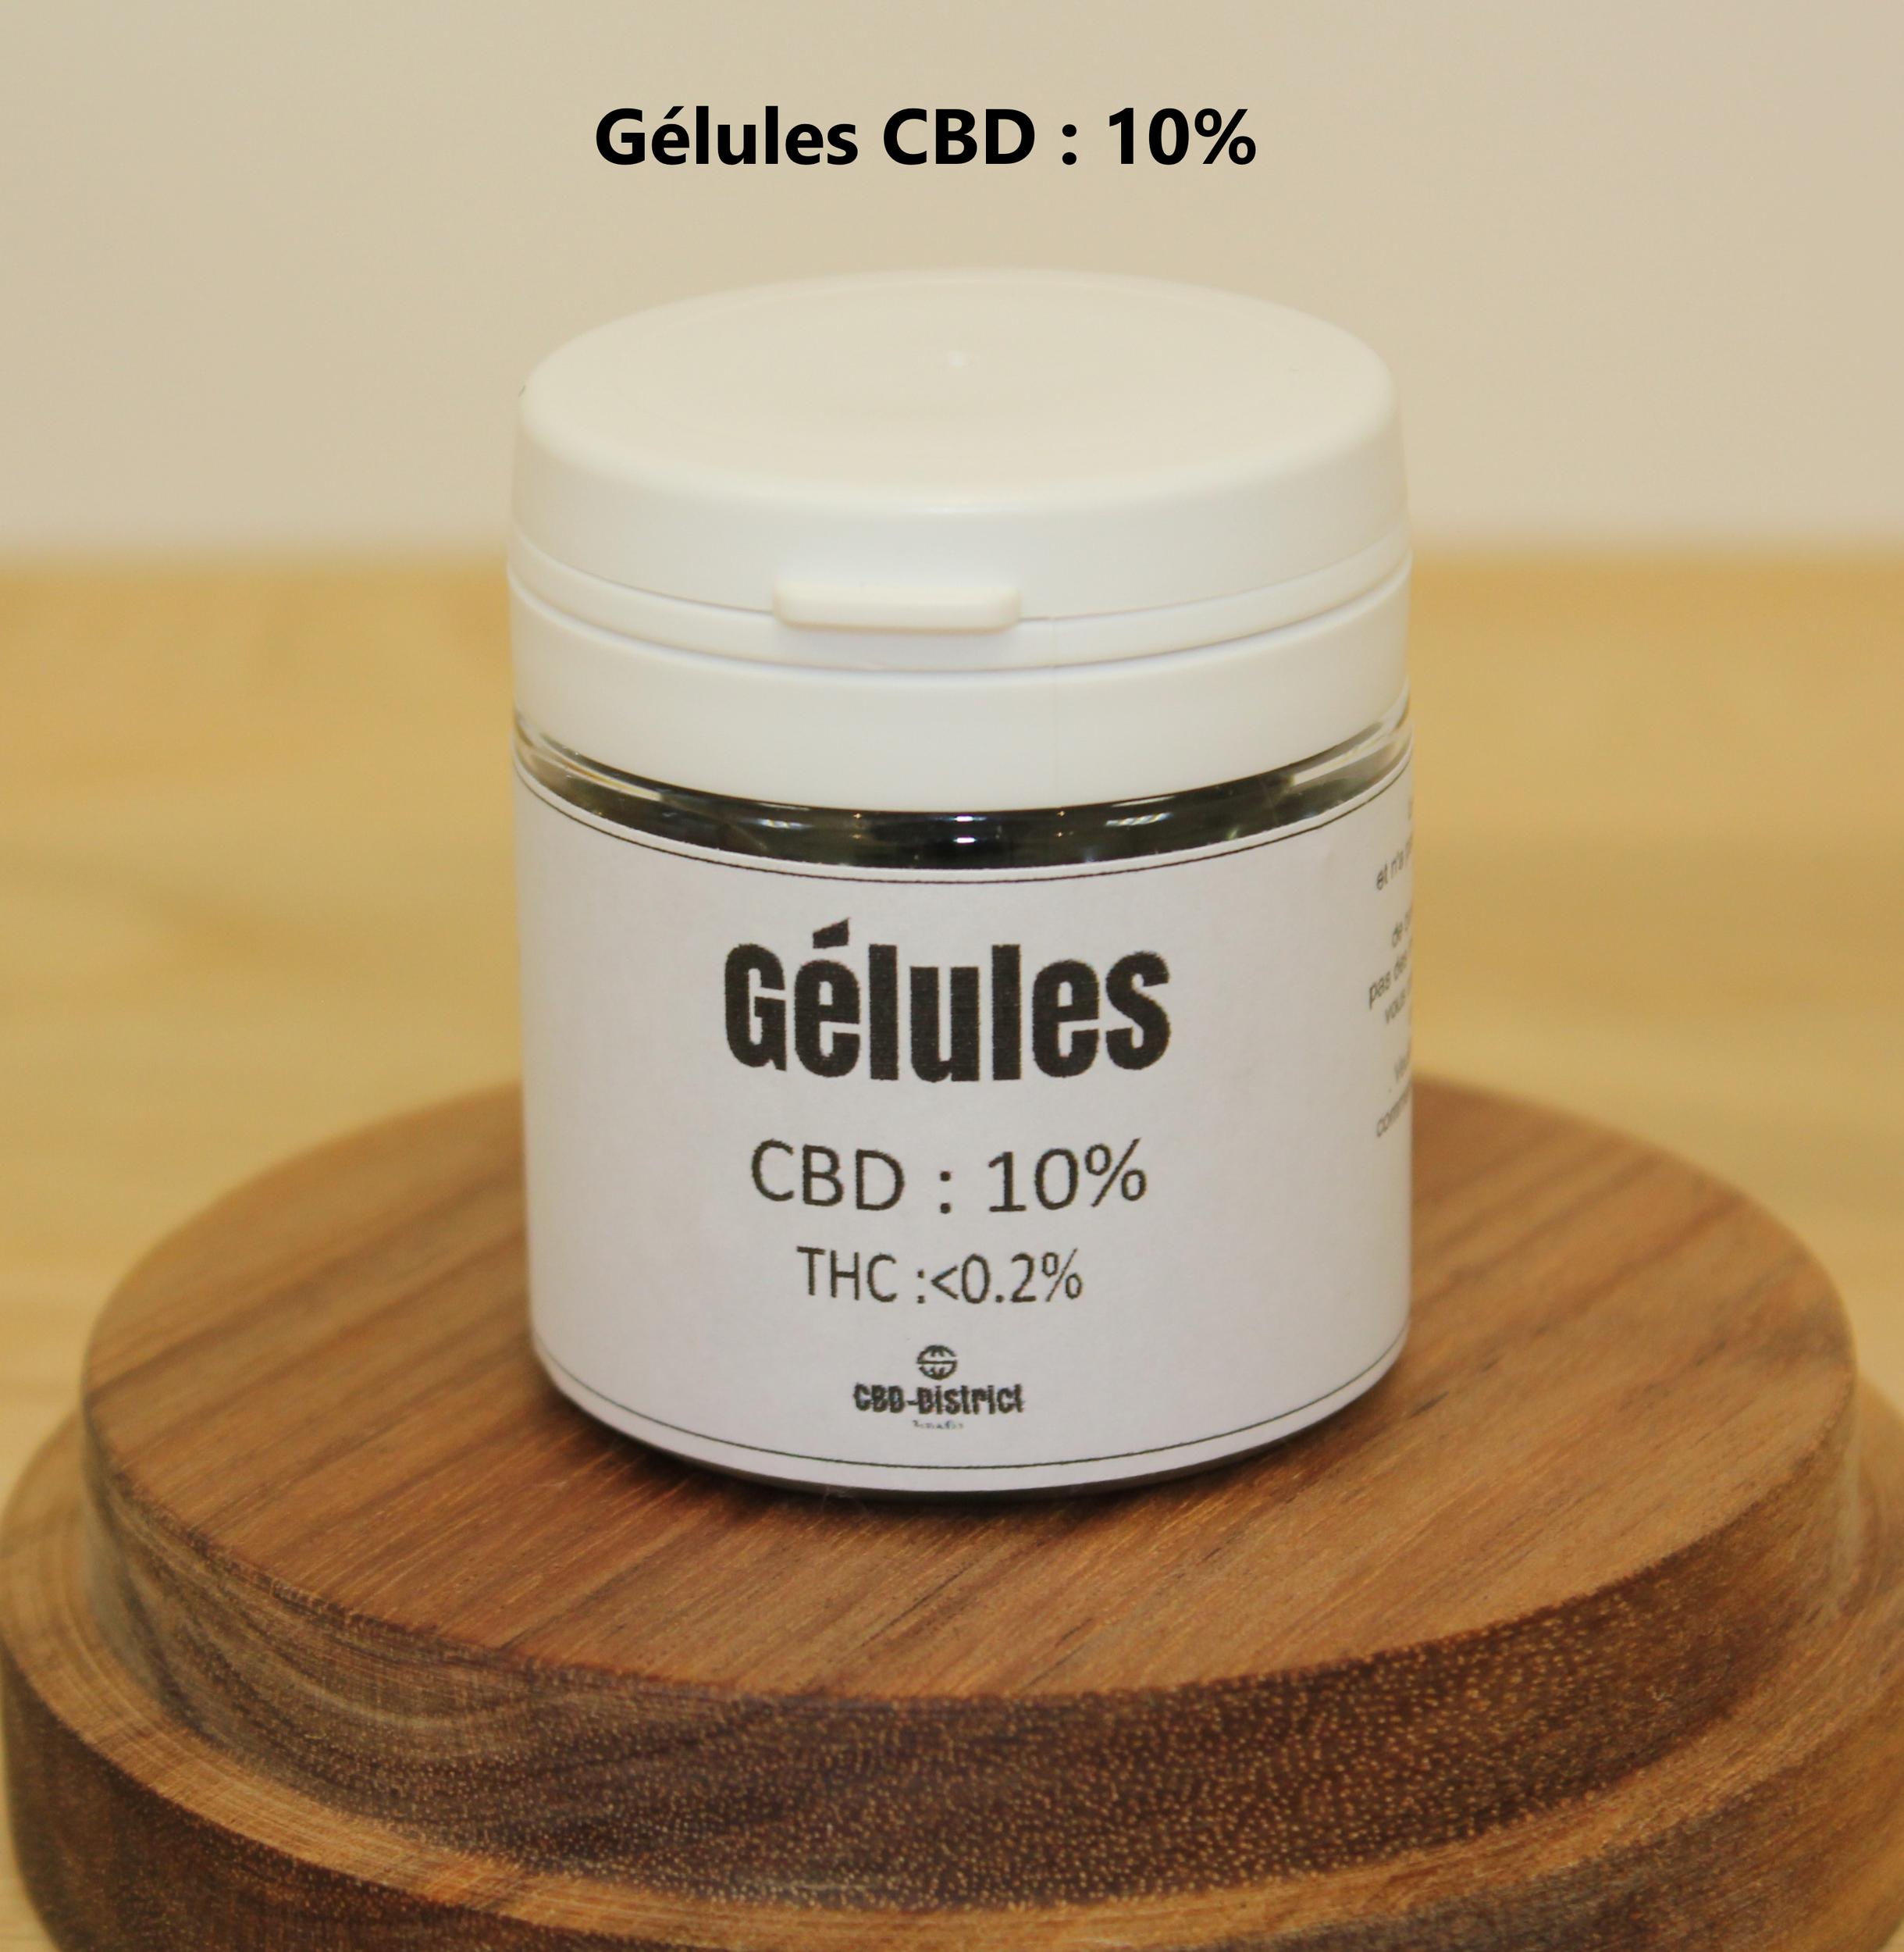 Gélules CBD 10%